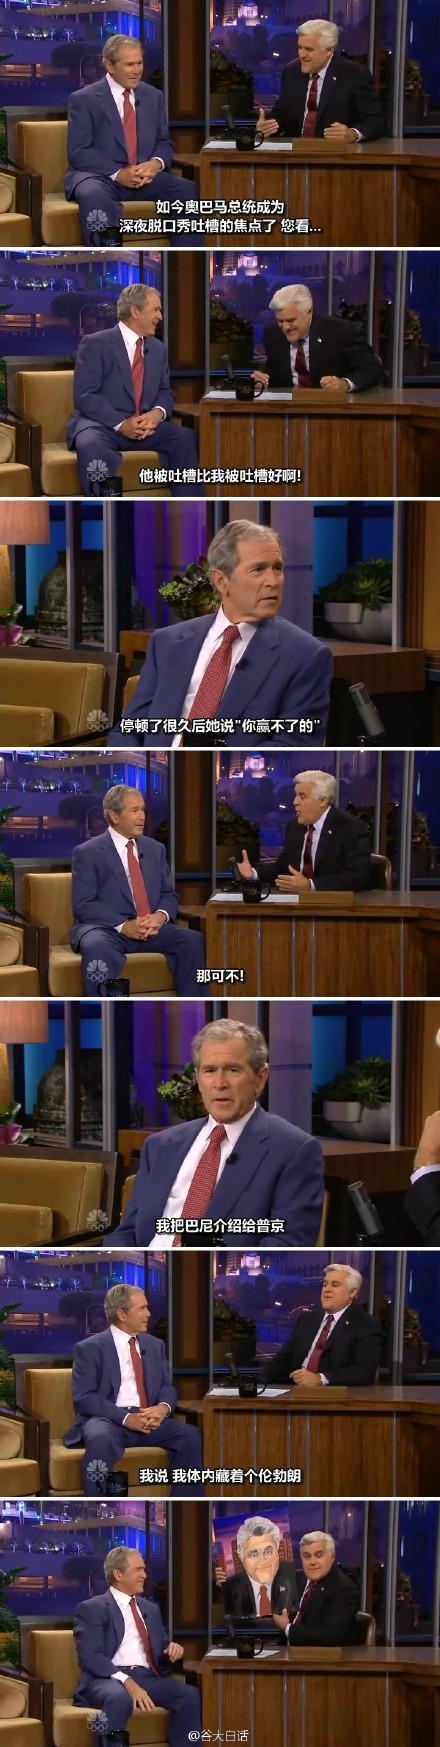 大下巴今夜秀 【专访前总统小布什】